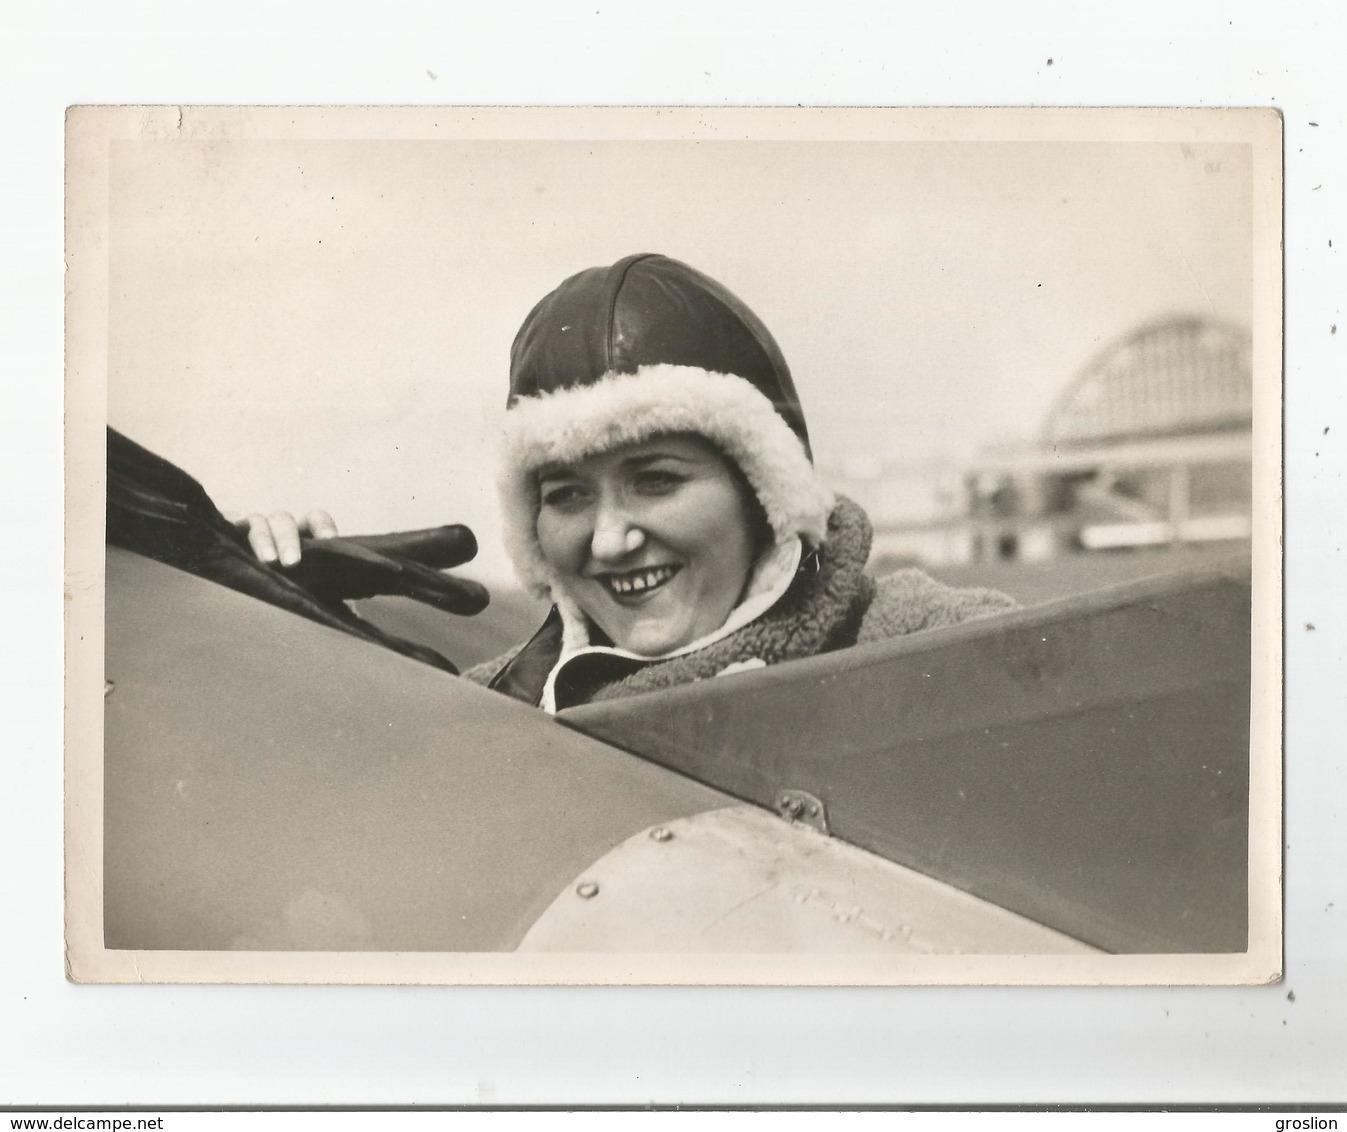 MARYSE HILSZ MILITAIRE ET AVIATRICE FRANCAISE (LEVALLOIS PERRET 1901 MOULIN DES PONTS (01) 1946) PHOTO ANCIENNE - Aviation